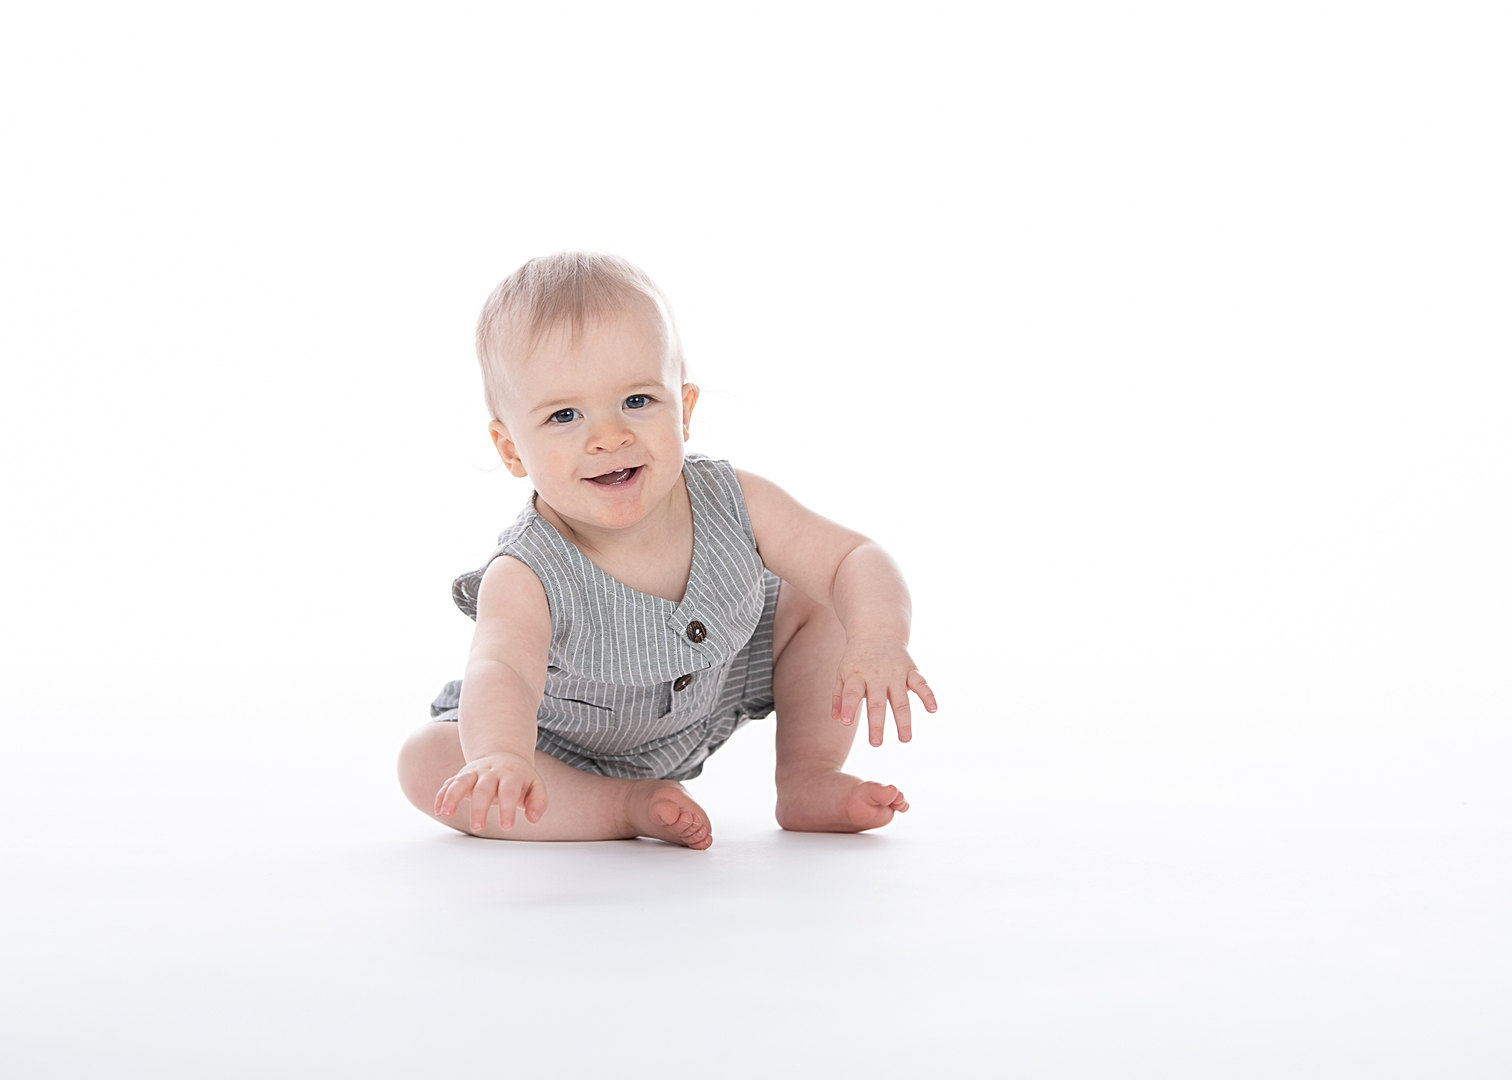 Baby boy birthday photoshoot